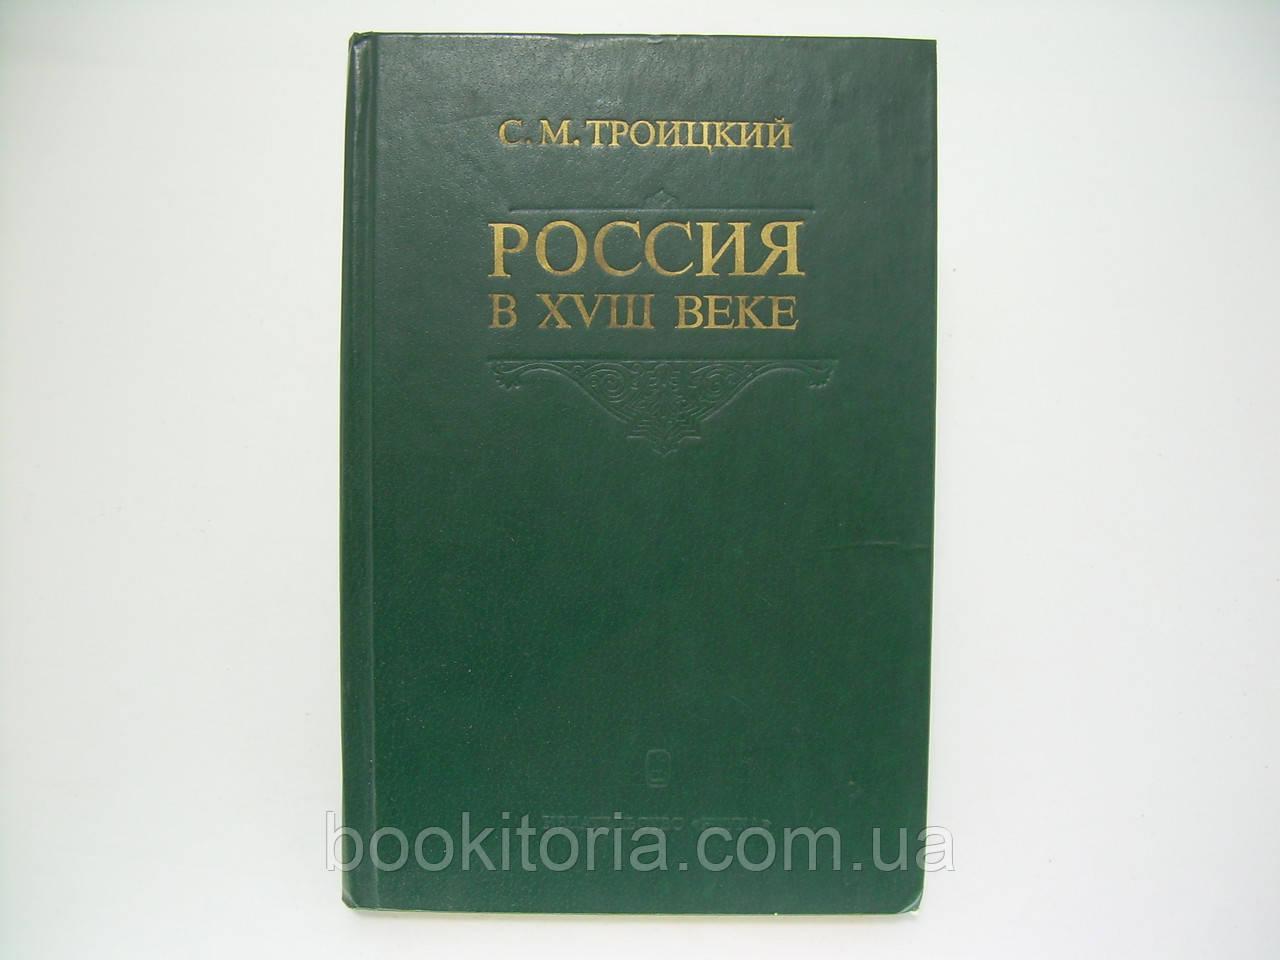 Троицкий С.М. Россия в XVIII веке (б/у).